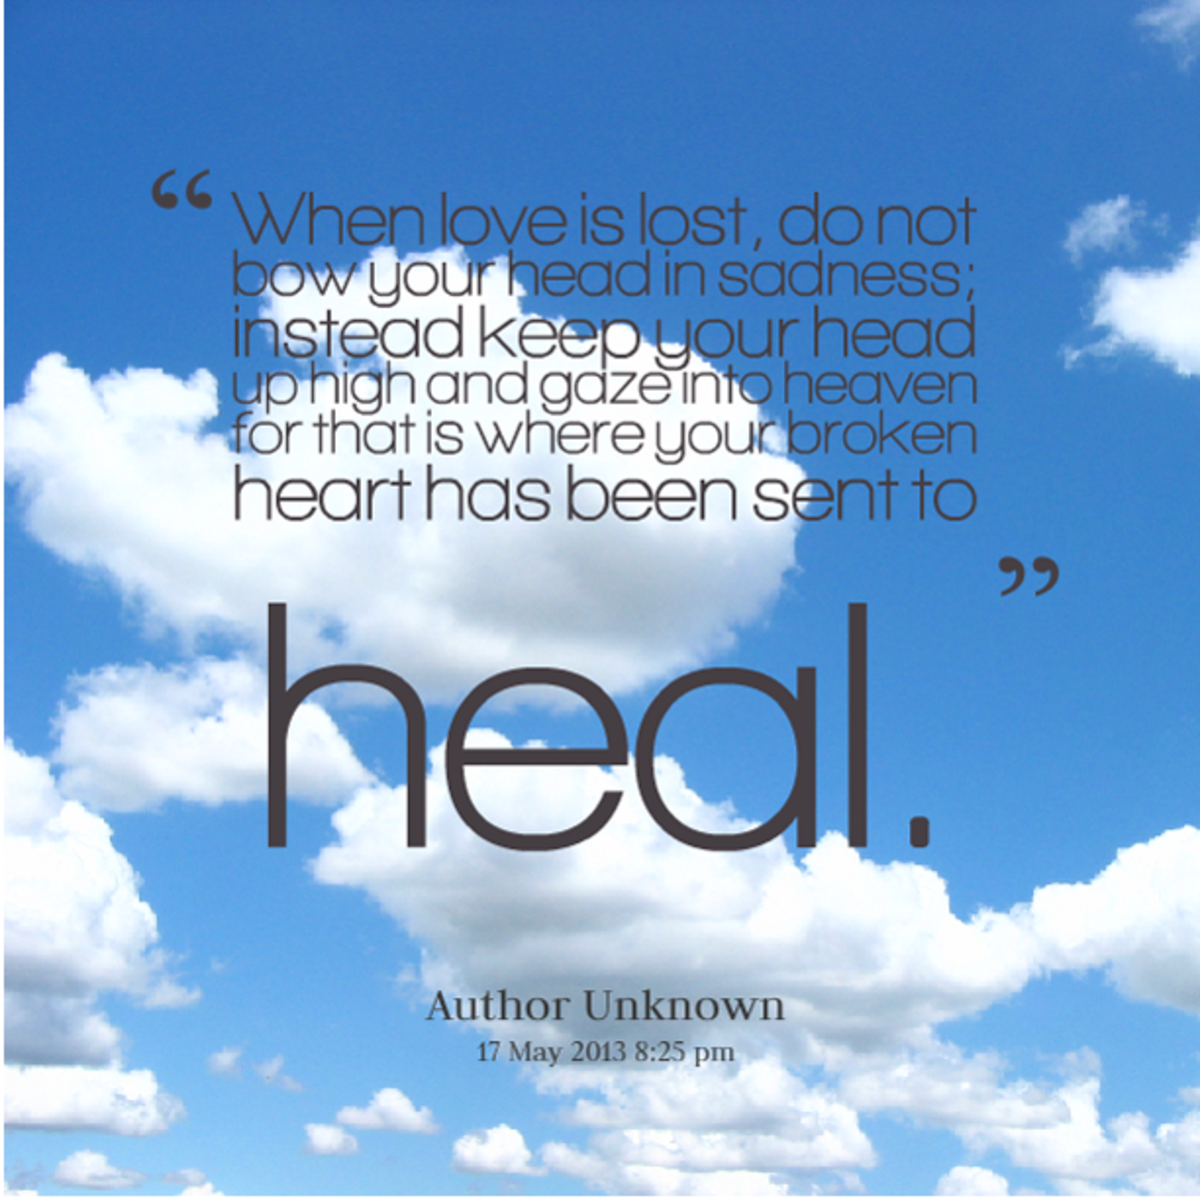 10-spiritual-healing-quotes-for-a-broken-heart